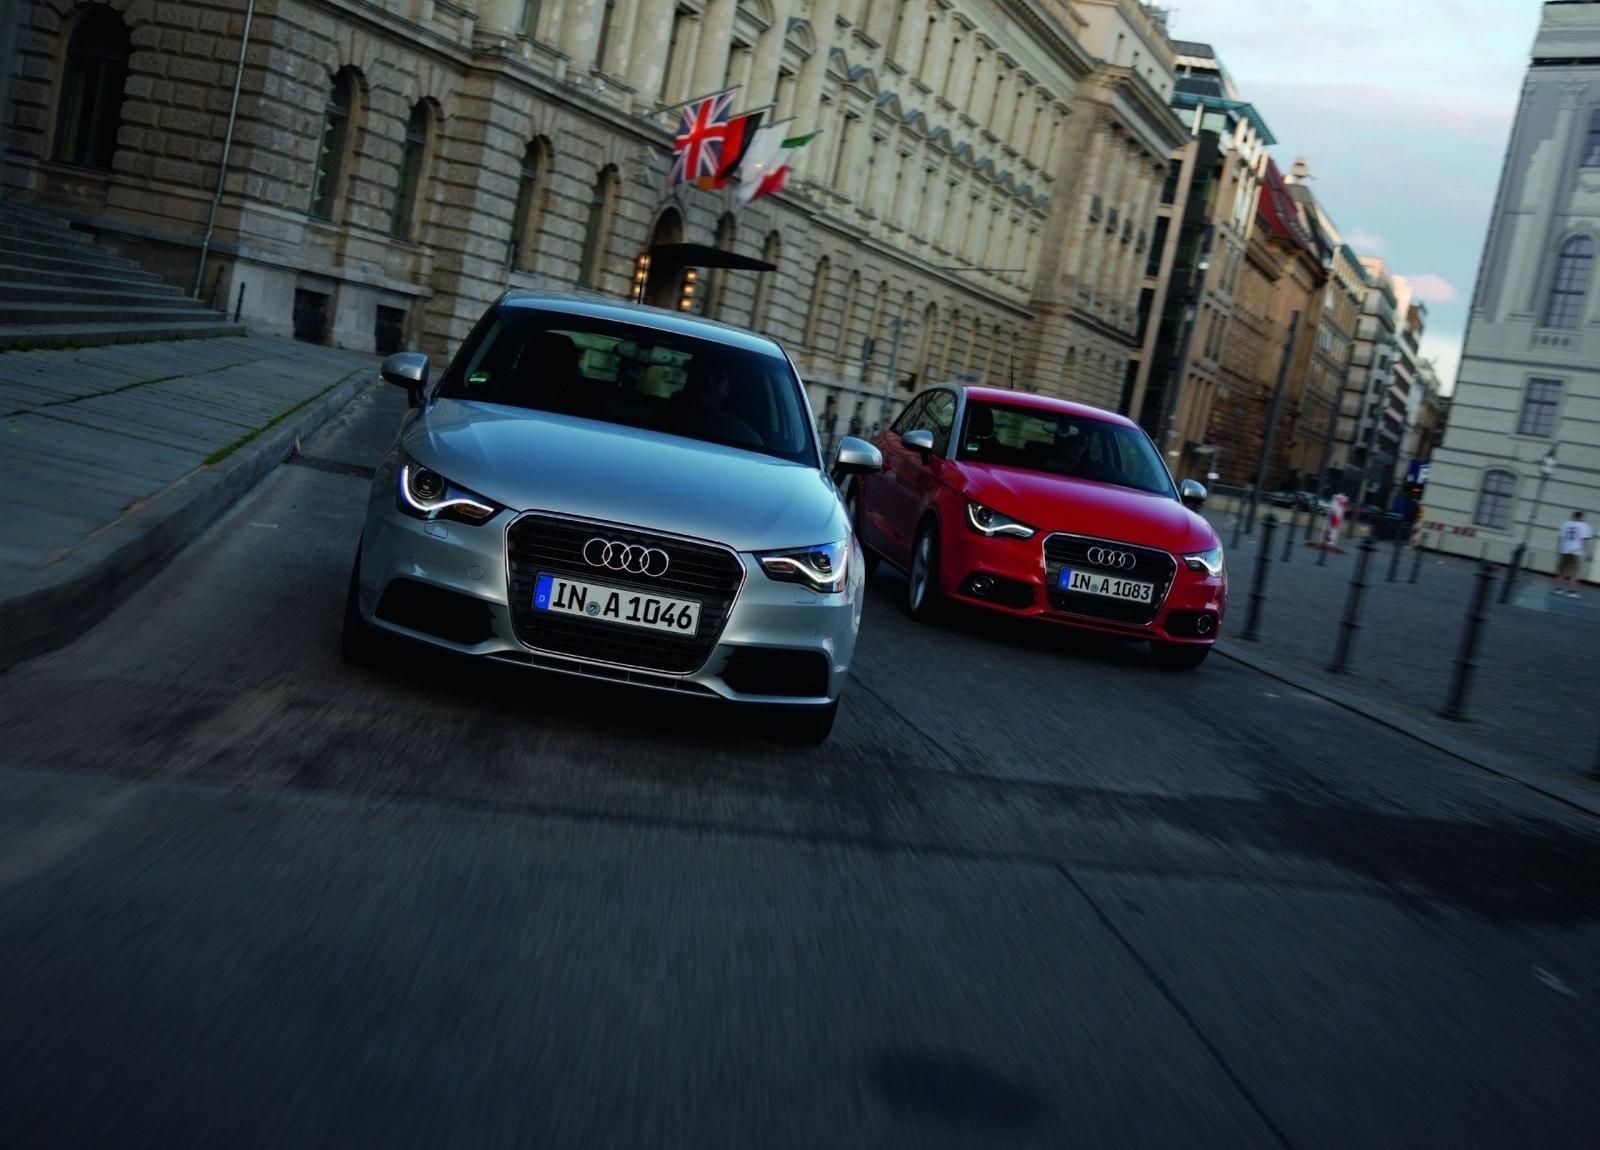 http://2.bp.blogspot.com/-gGejAXIj27Q/T5Y7yX1u0rI/AAAAAAAAFrc/IWjEsCz9uHI/s1600/Audi-2011_A1_wallpaper-1600x1200_0120.jpg